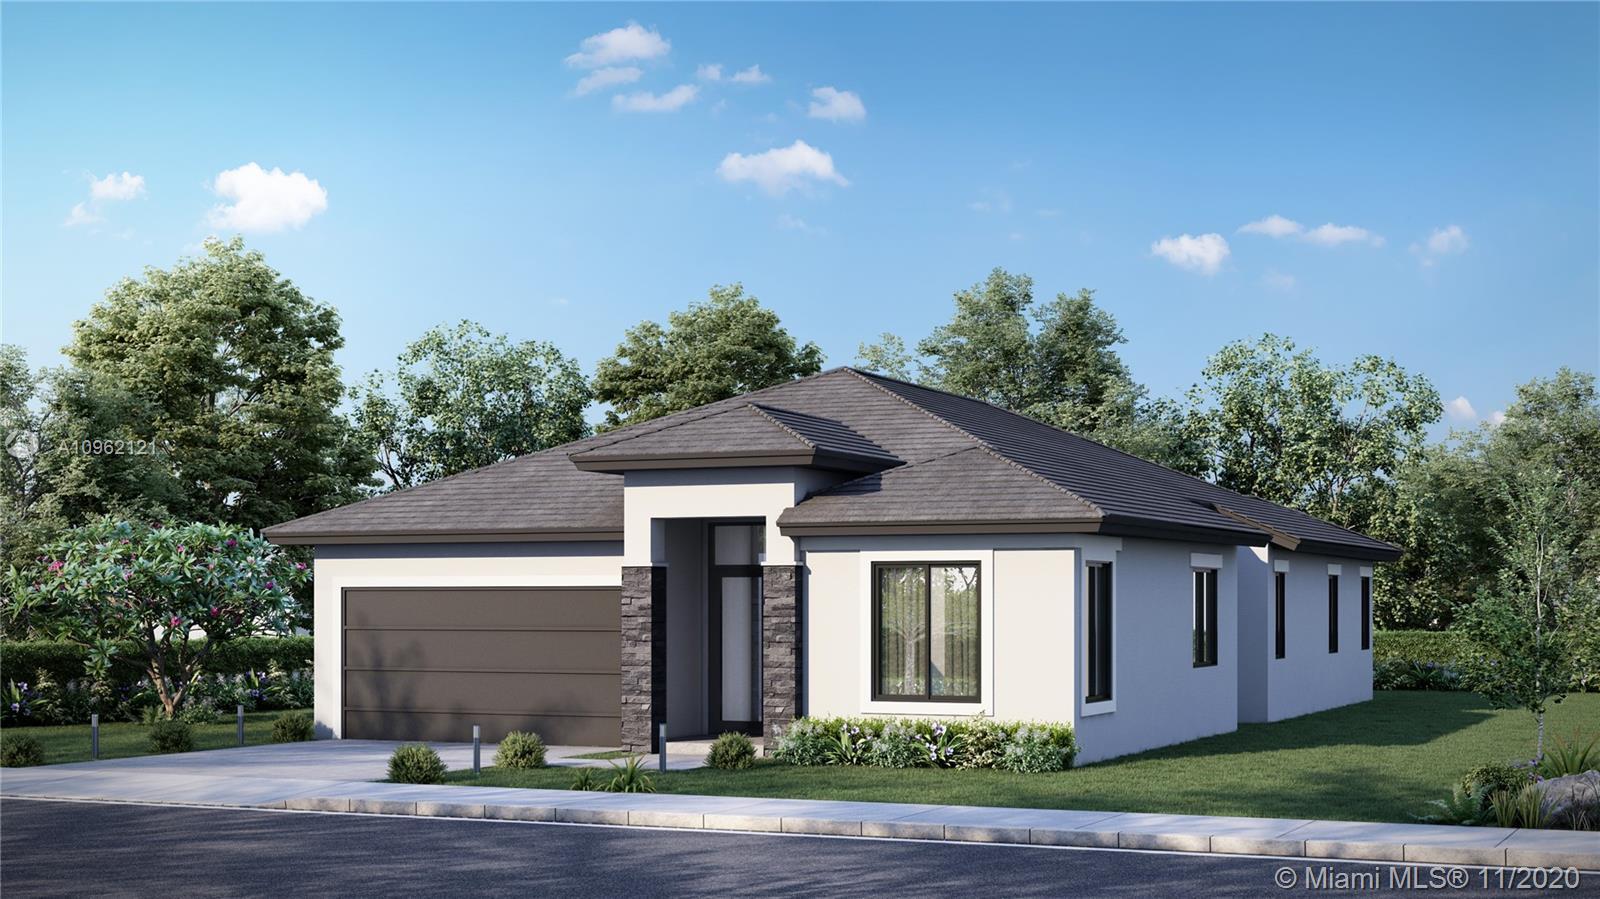 Coral Villas - 3021 SW 64th Ave, Miami, FL 33155